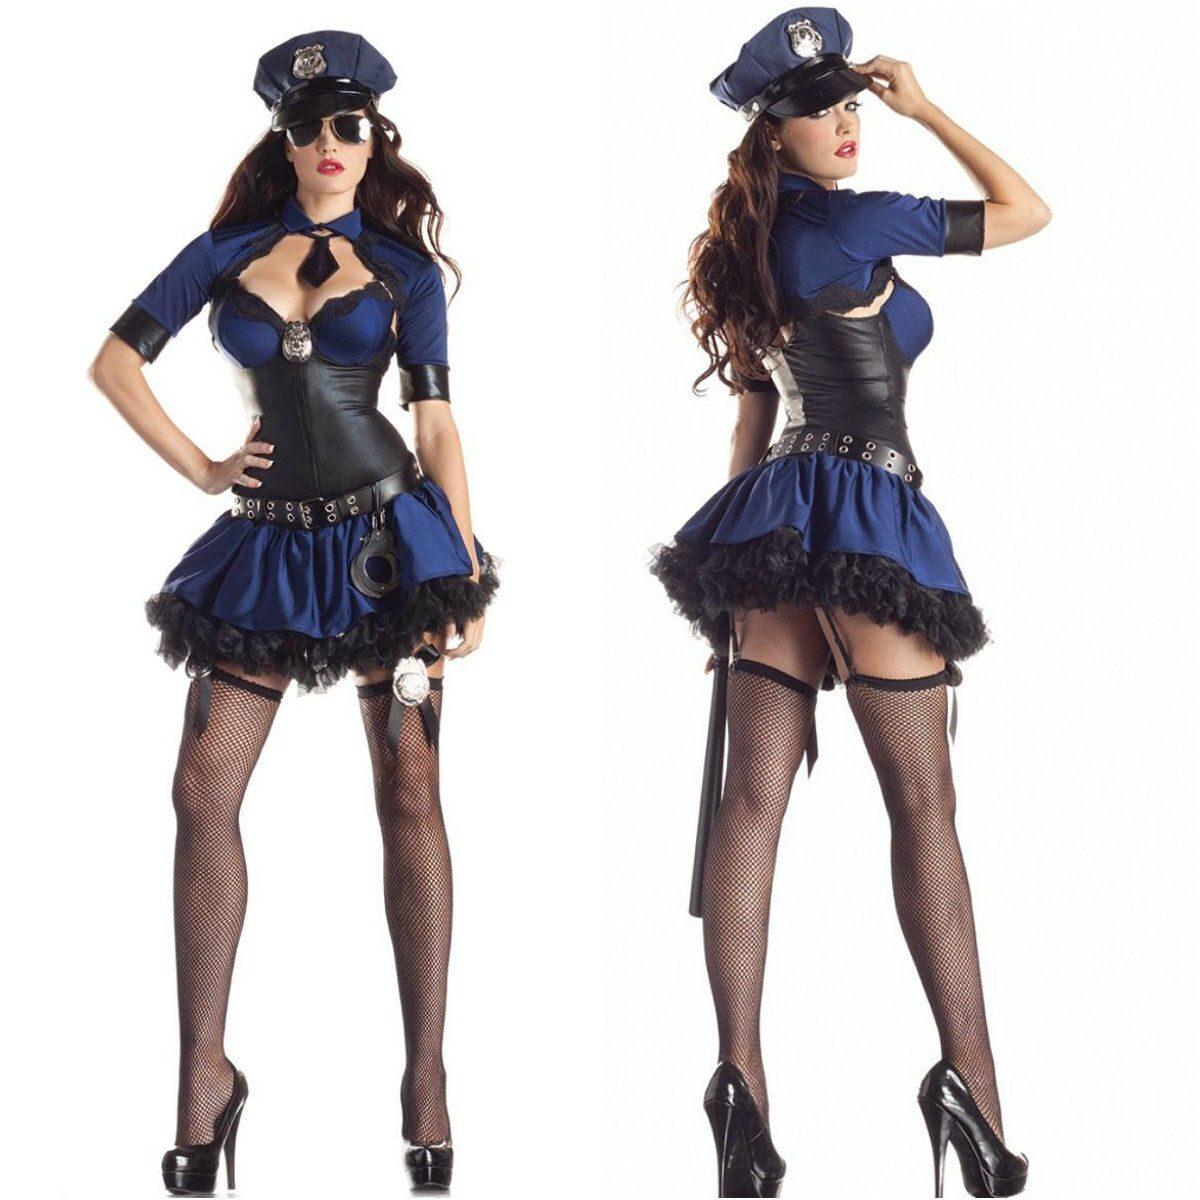 Девушки в костюмах для взрослых фото 350-910